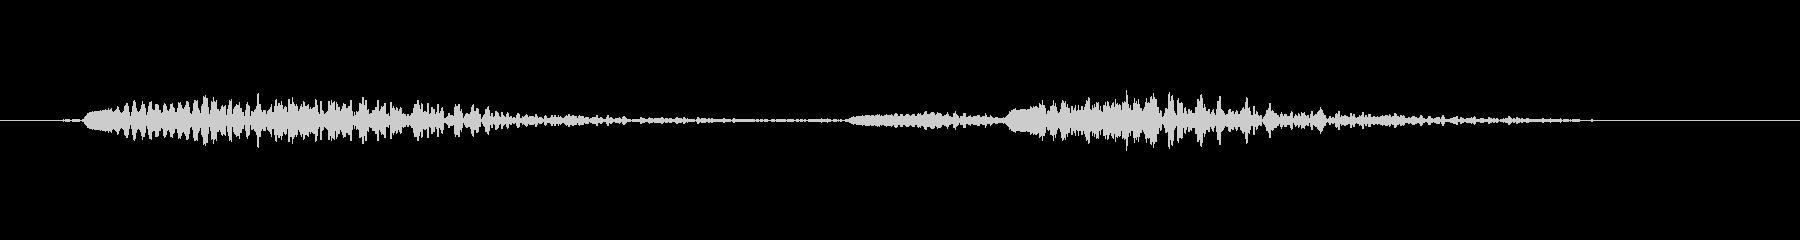 低ボーカルパワーダウン;ロボットの...の未再生の波形